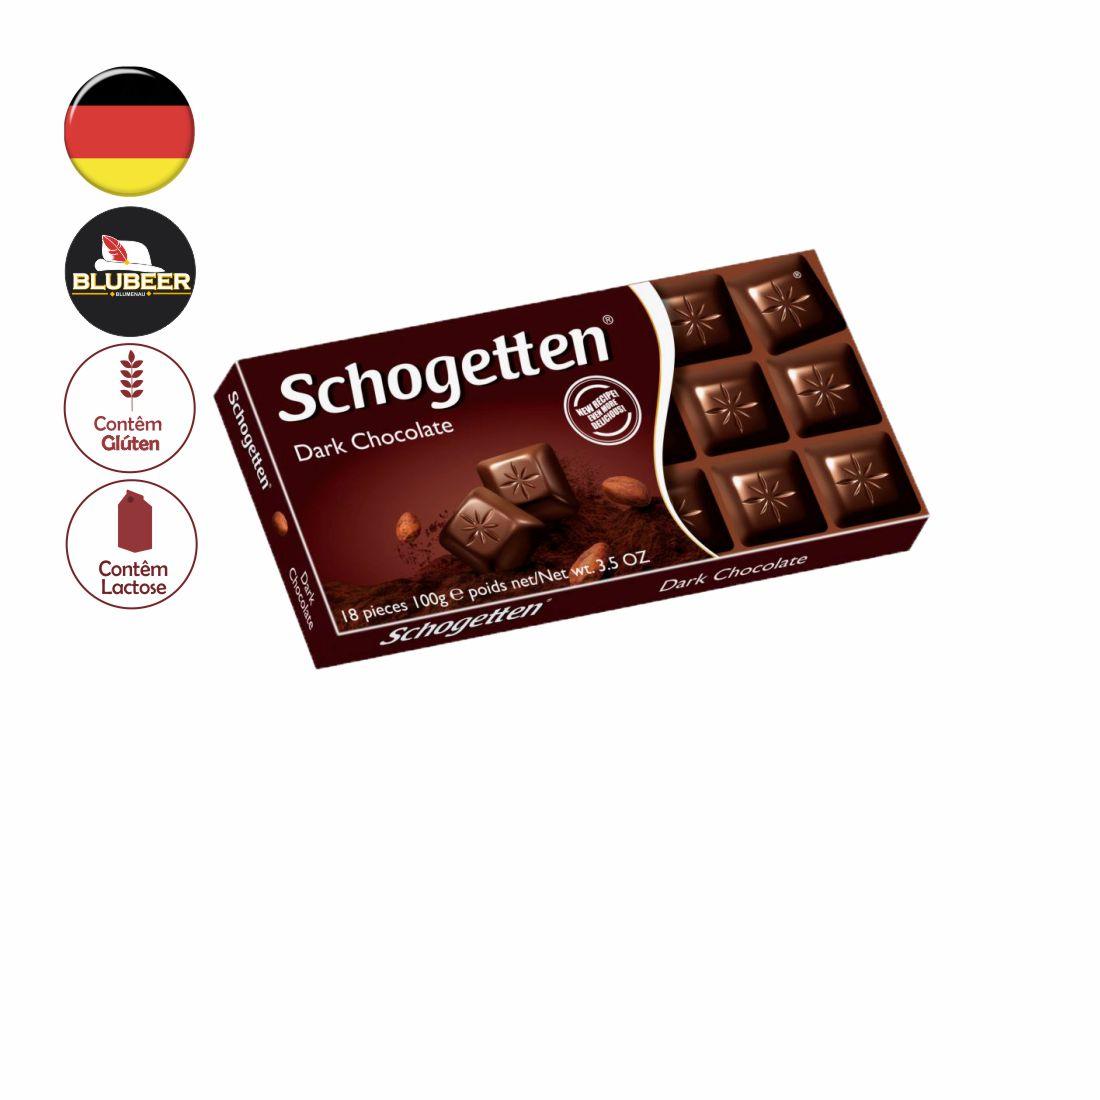 CHOCOLATE SCHOGETTEN DARK 50% CACAU 100G